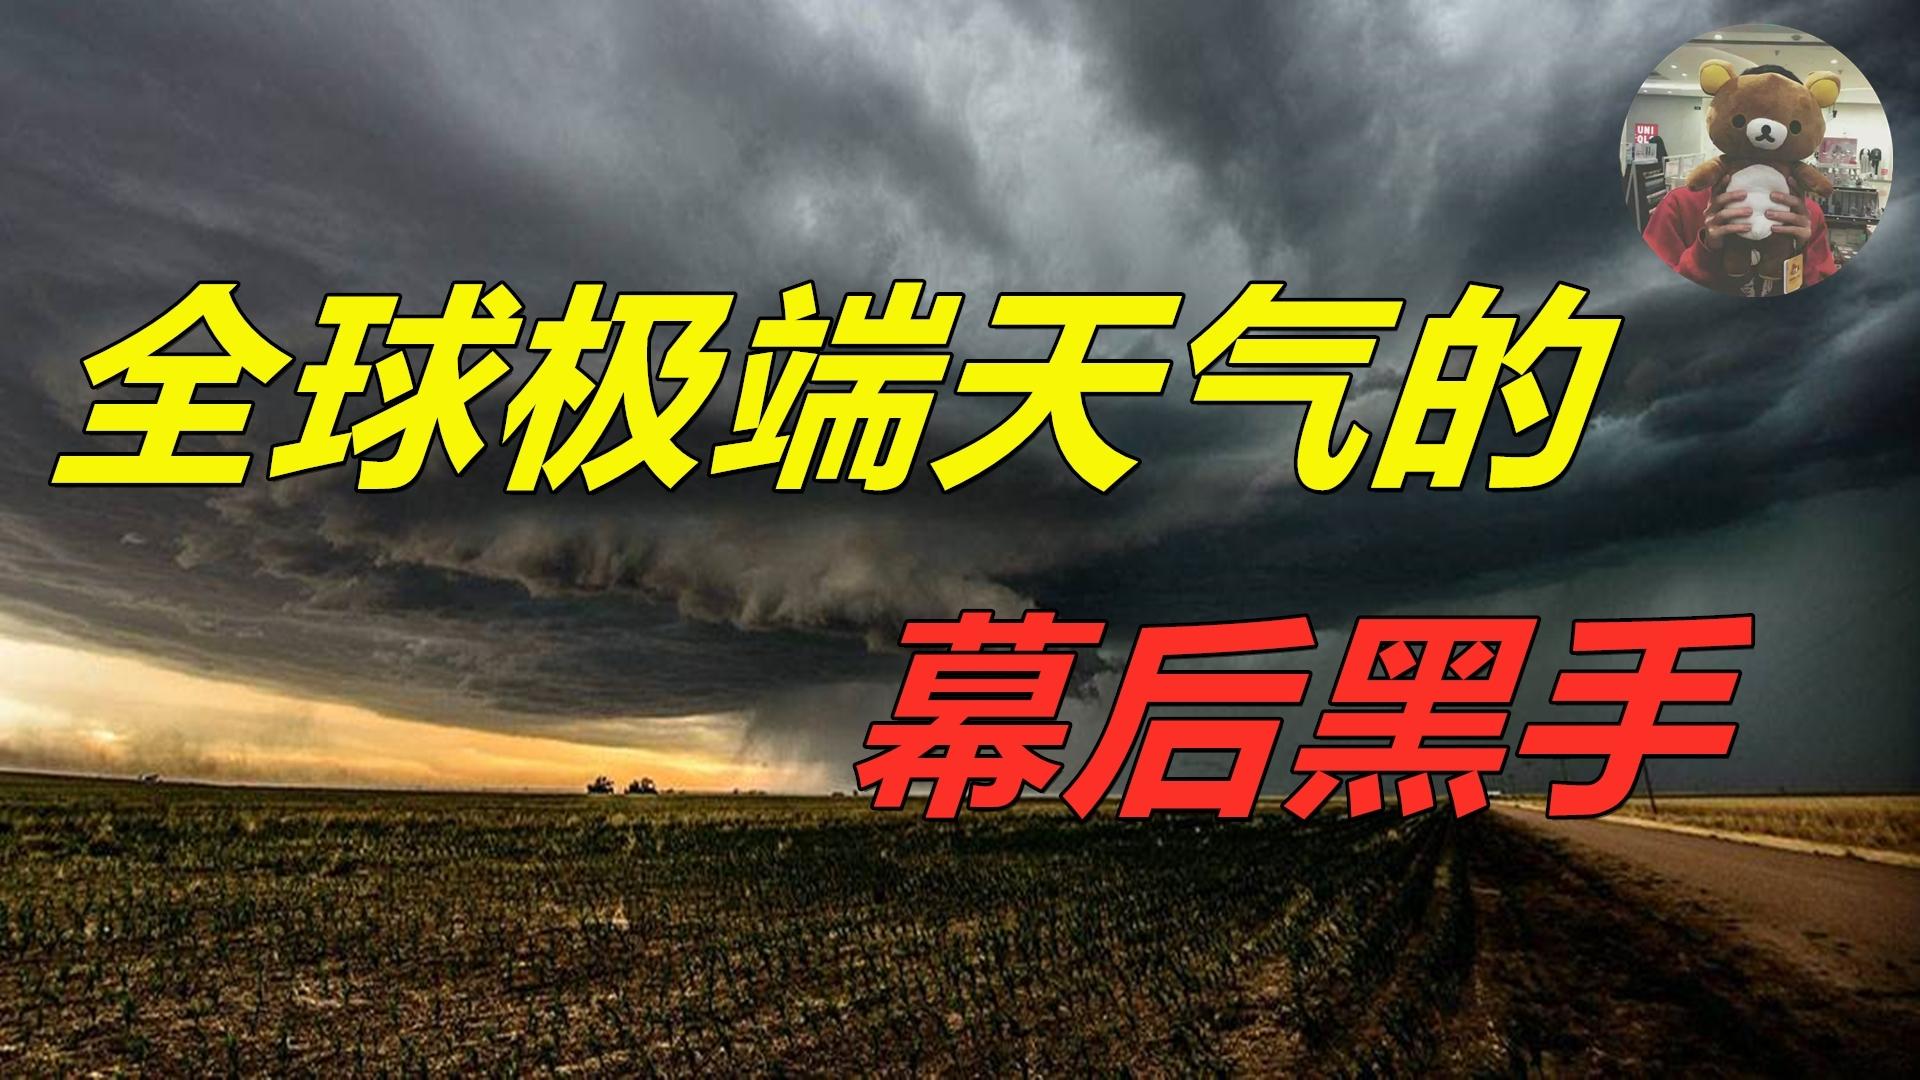 去年的澳洲大火、东非蝗灾,今年的南方洪灾,幕后黑手是同一个!